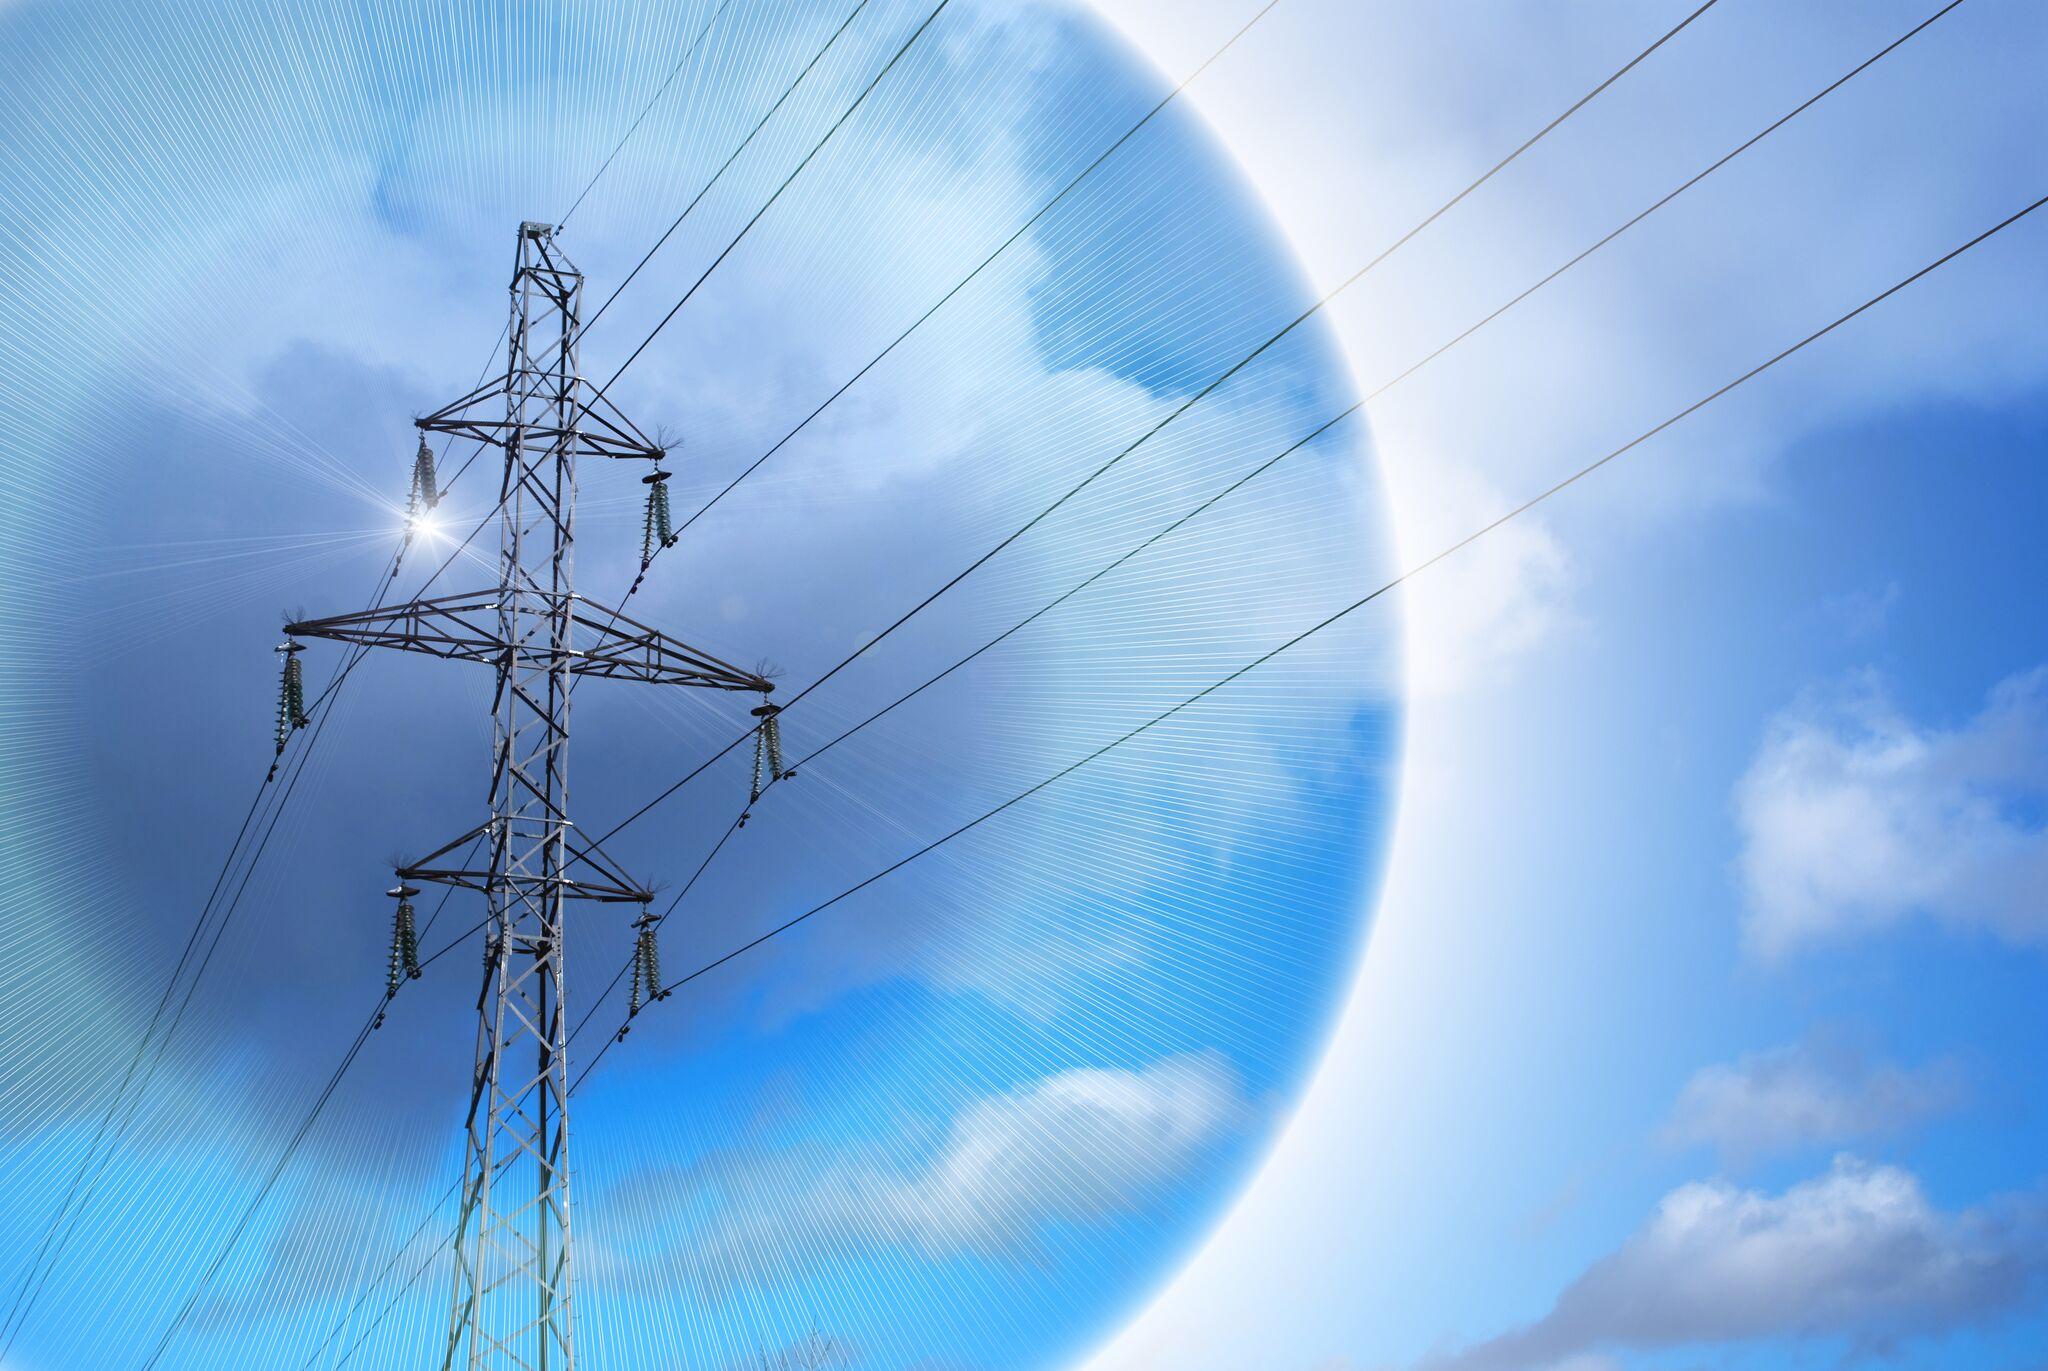 картинки для презентации электроэнергия плюс--декорации